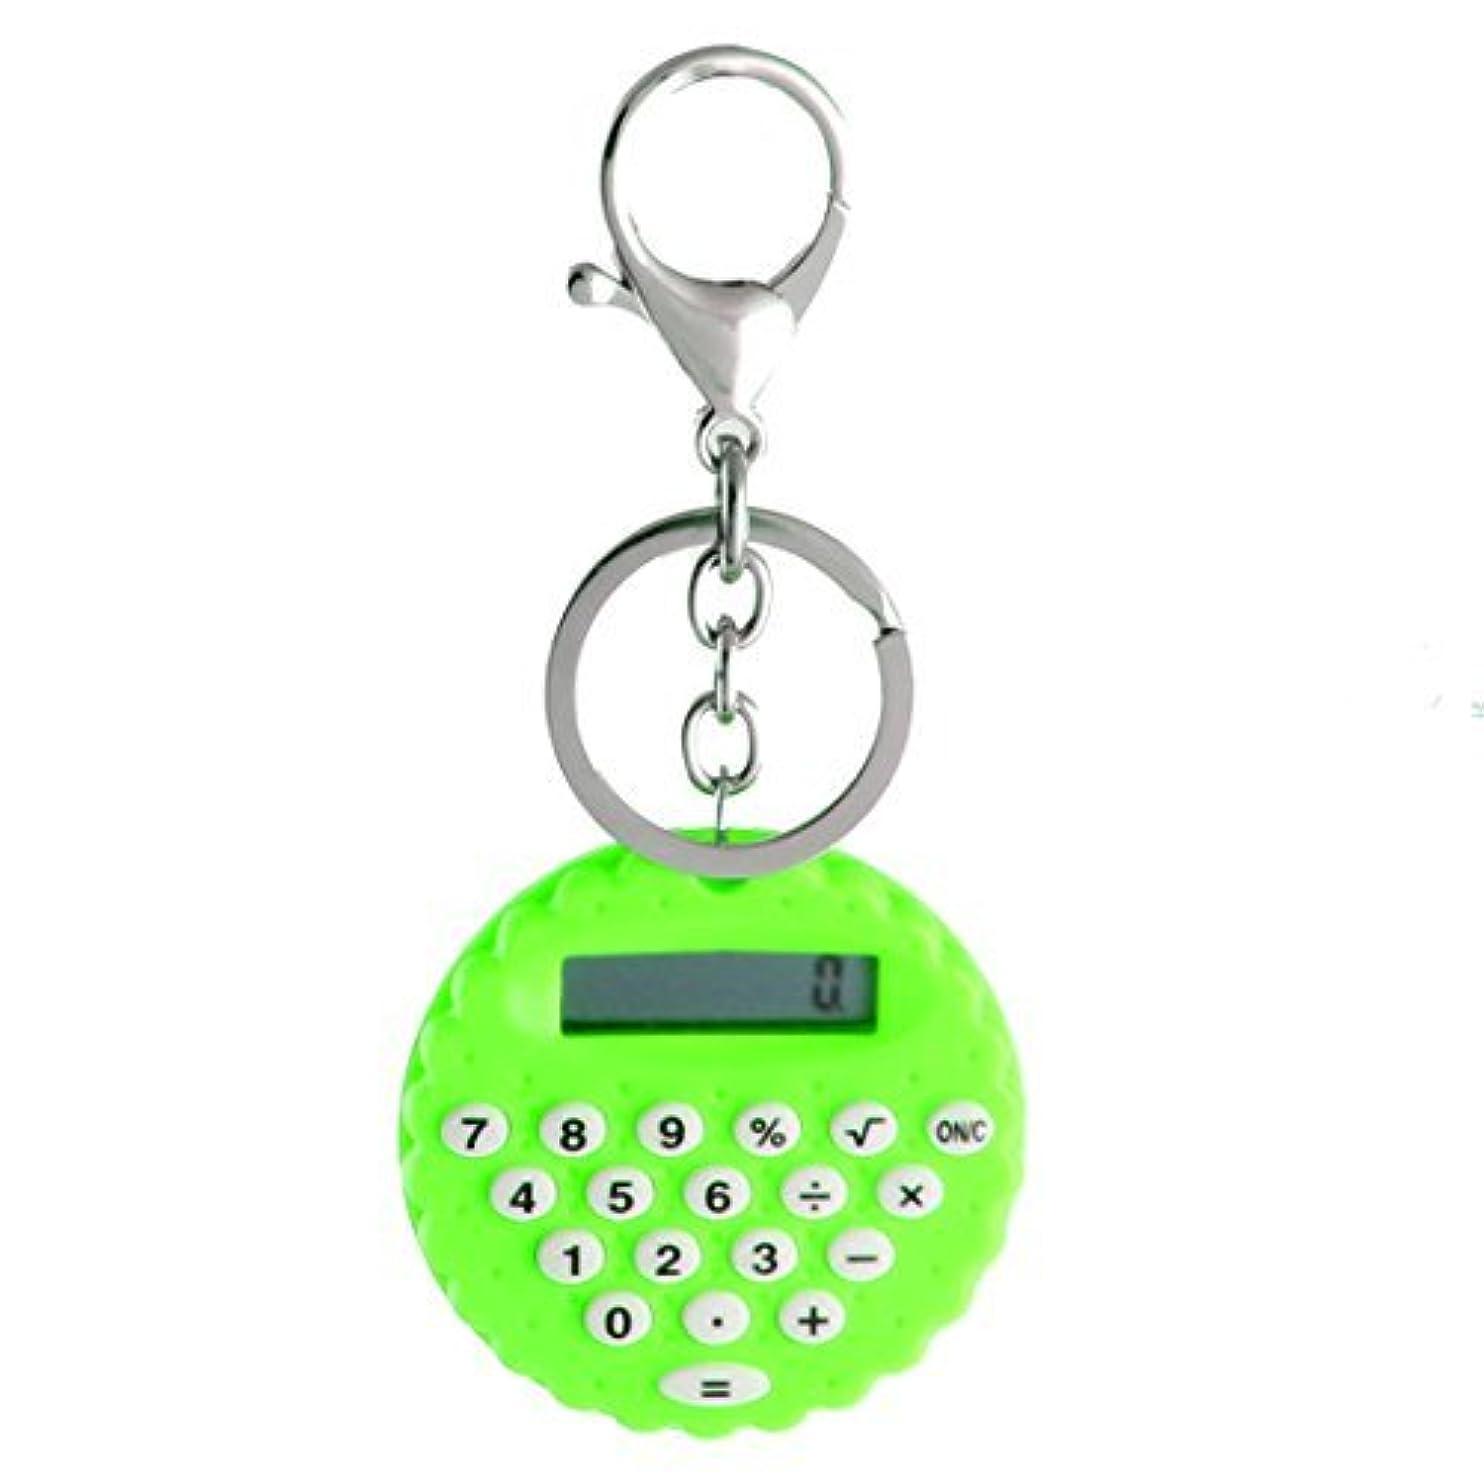 マングル毎回インカ帝国Calcolatrice キーホルダー 携帯用 Verde eDealMax プラスチック ビスコット ディスプレイ フォルマ ディコンチリア ポケット 8 cifre